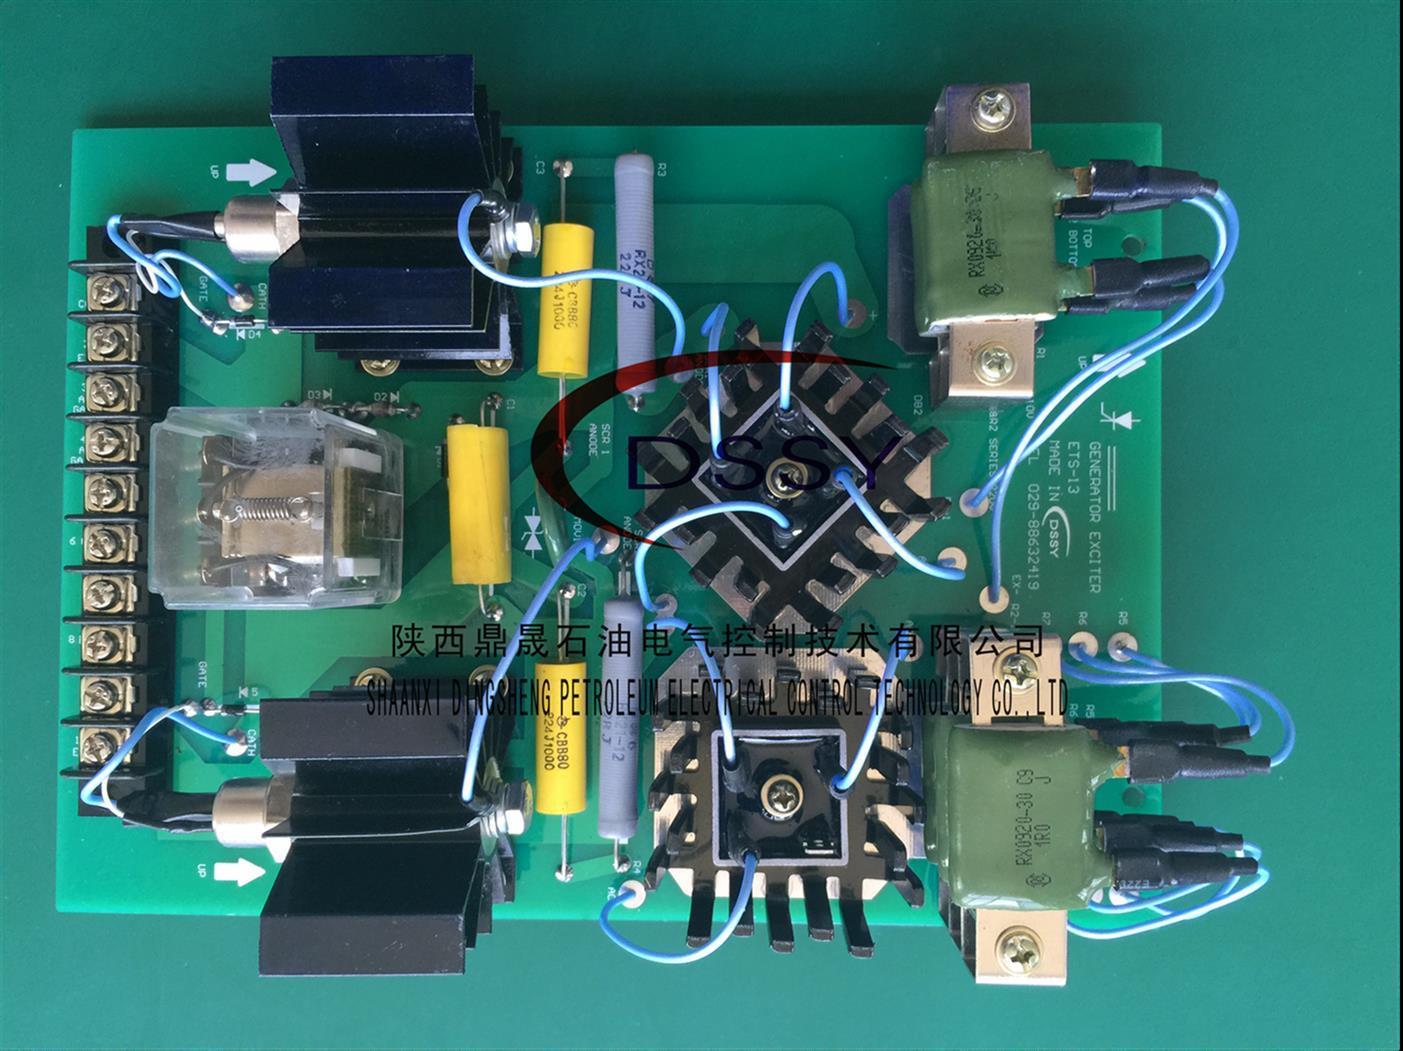 海尔海斯柴油机电控系统固态继电器板PC23